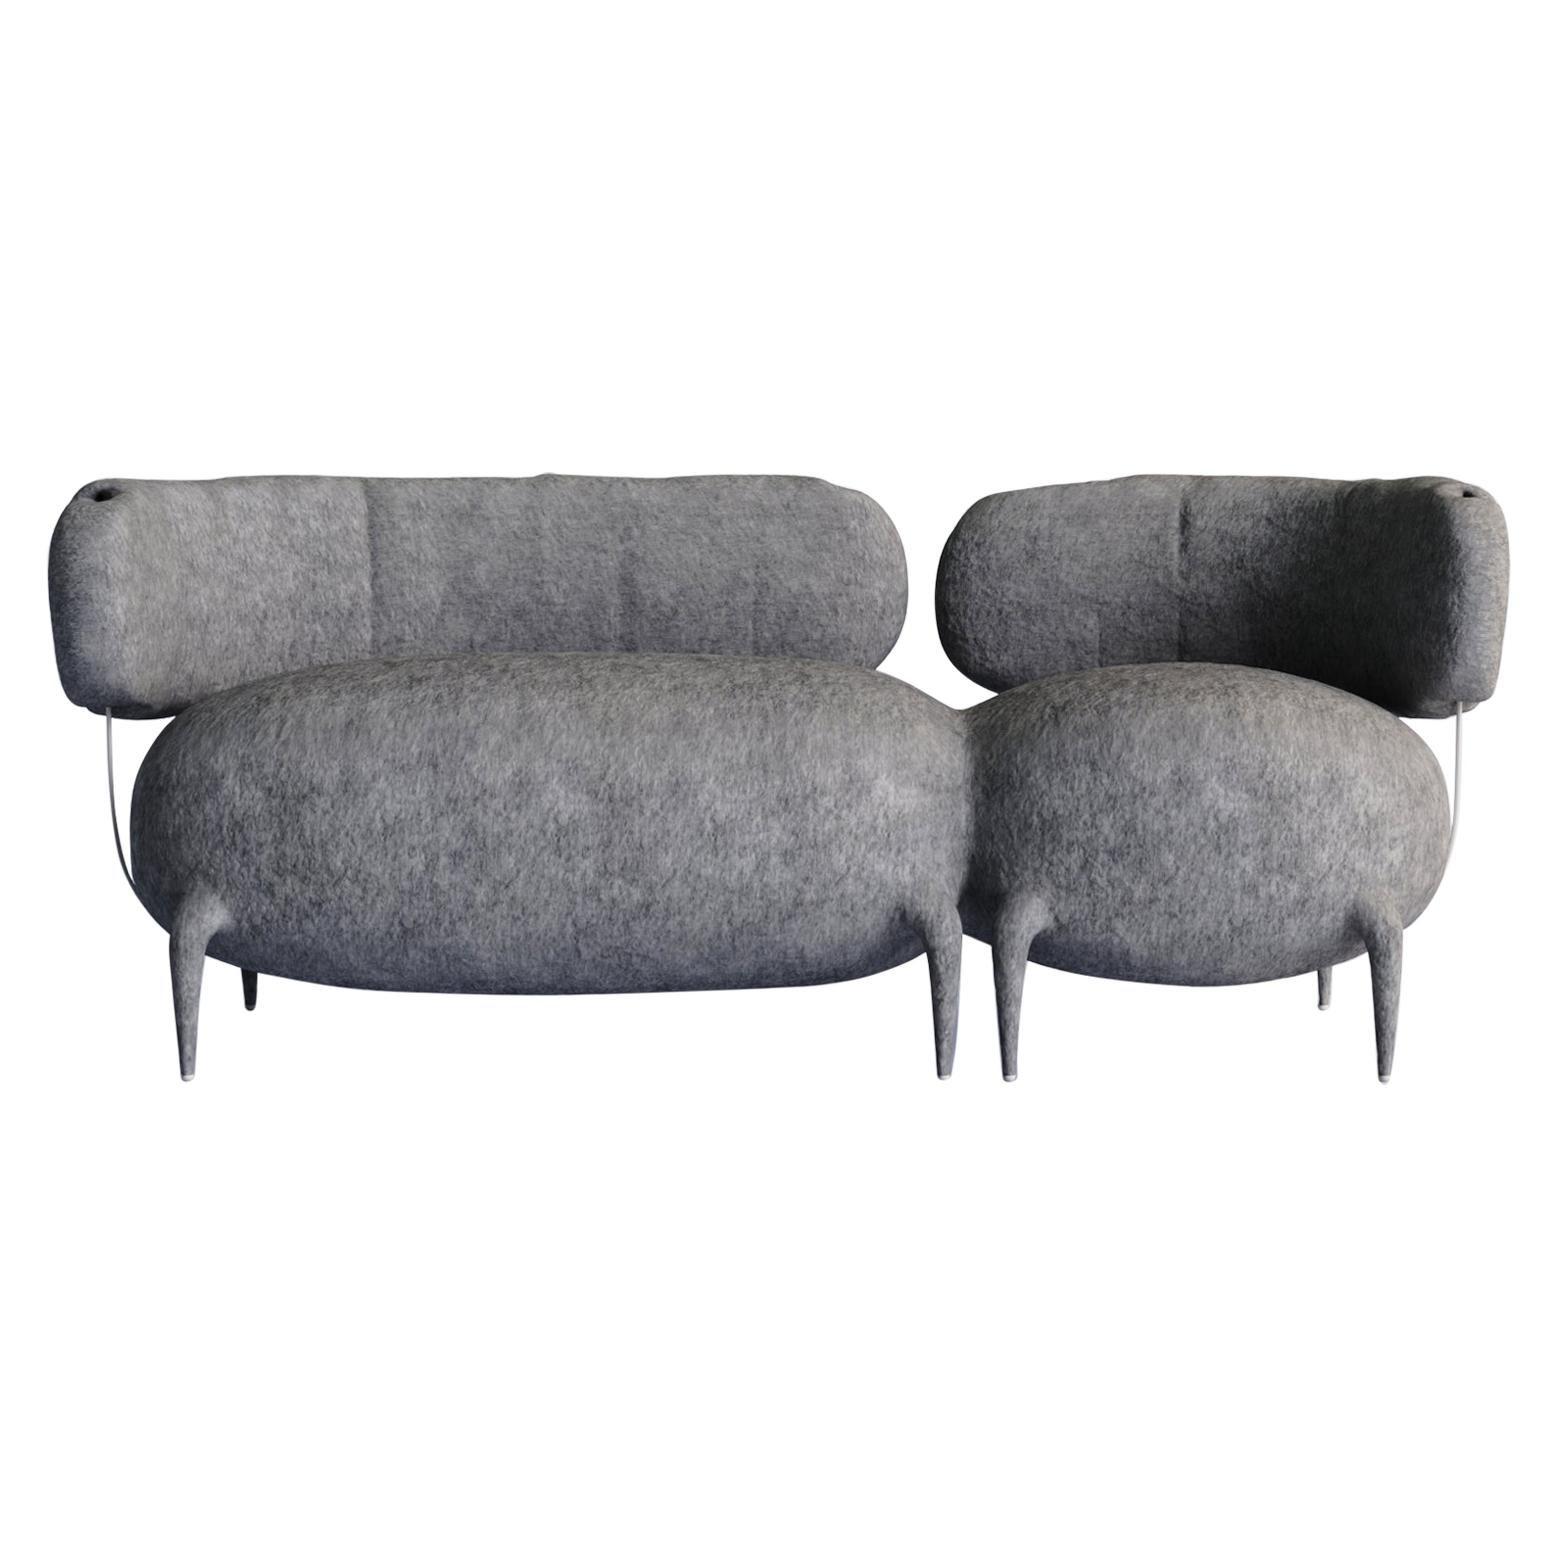 Lympho Contemporary Sofa by Taras Zheltyshev